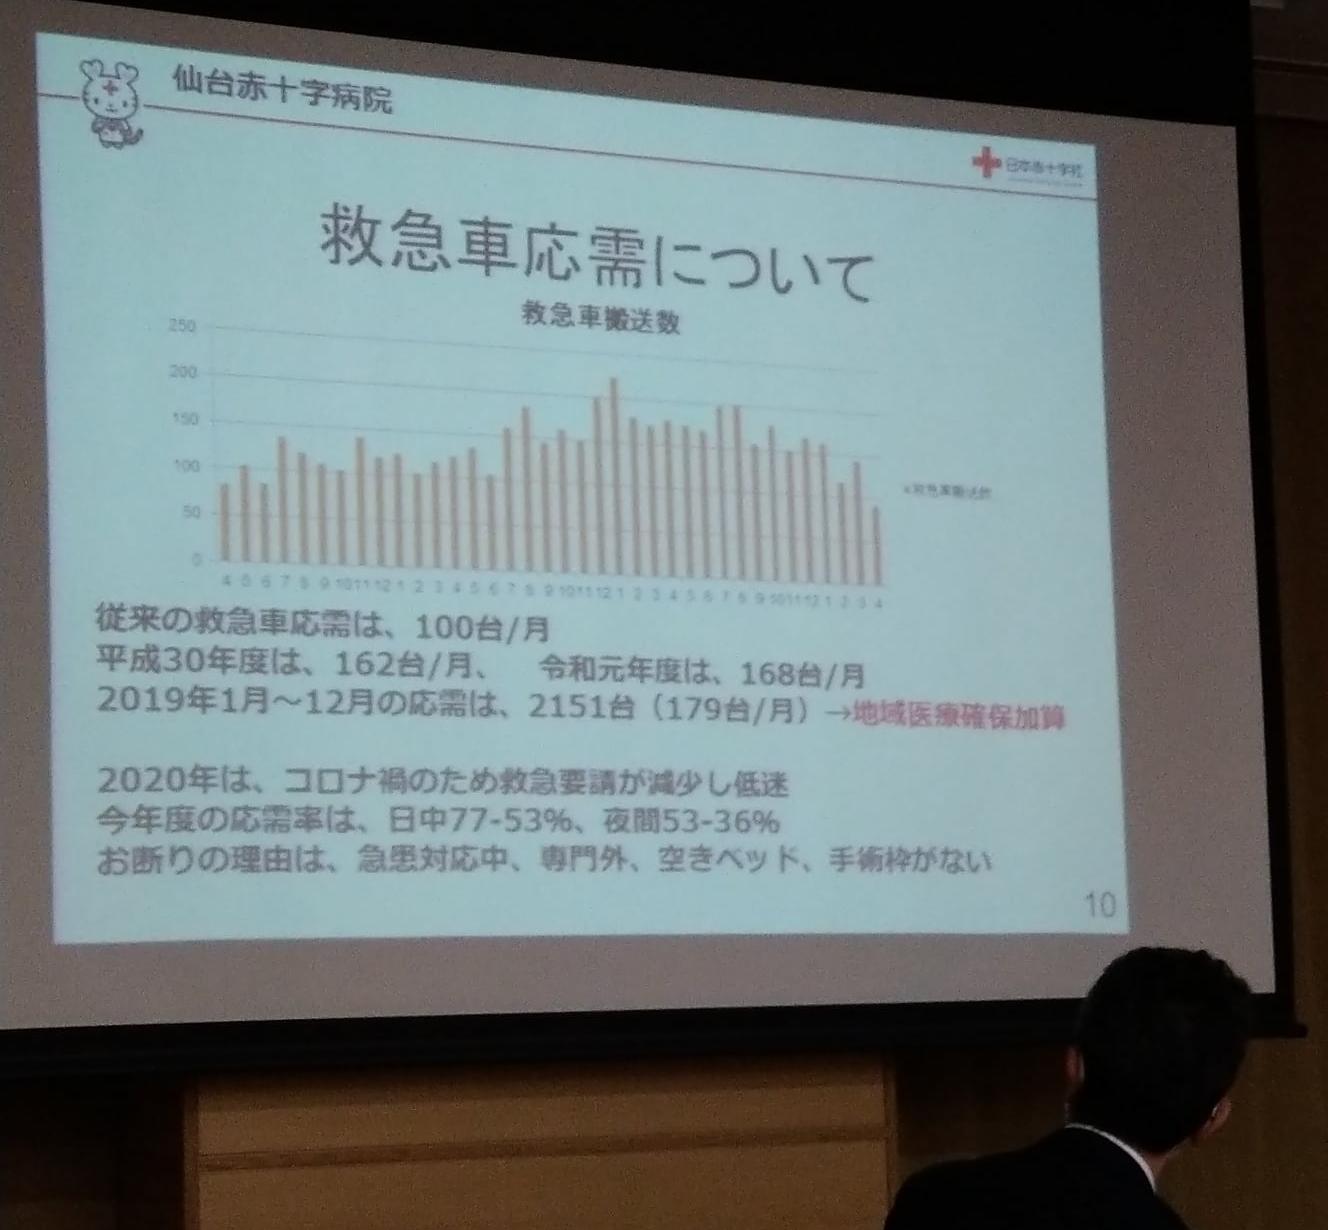 令和3年9月27日 仙台市医師会太白ブロック役員会での日赤病院を含む四病院移転・統廃合について、仙台赤十字病院の北名誉院長、船山院長を招いての懇談会があり出席いたしました。